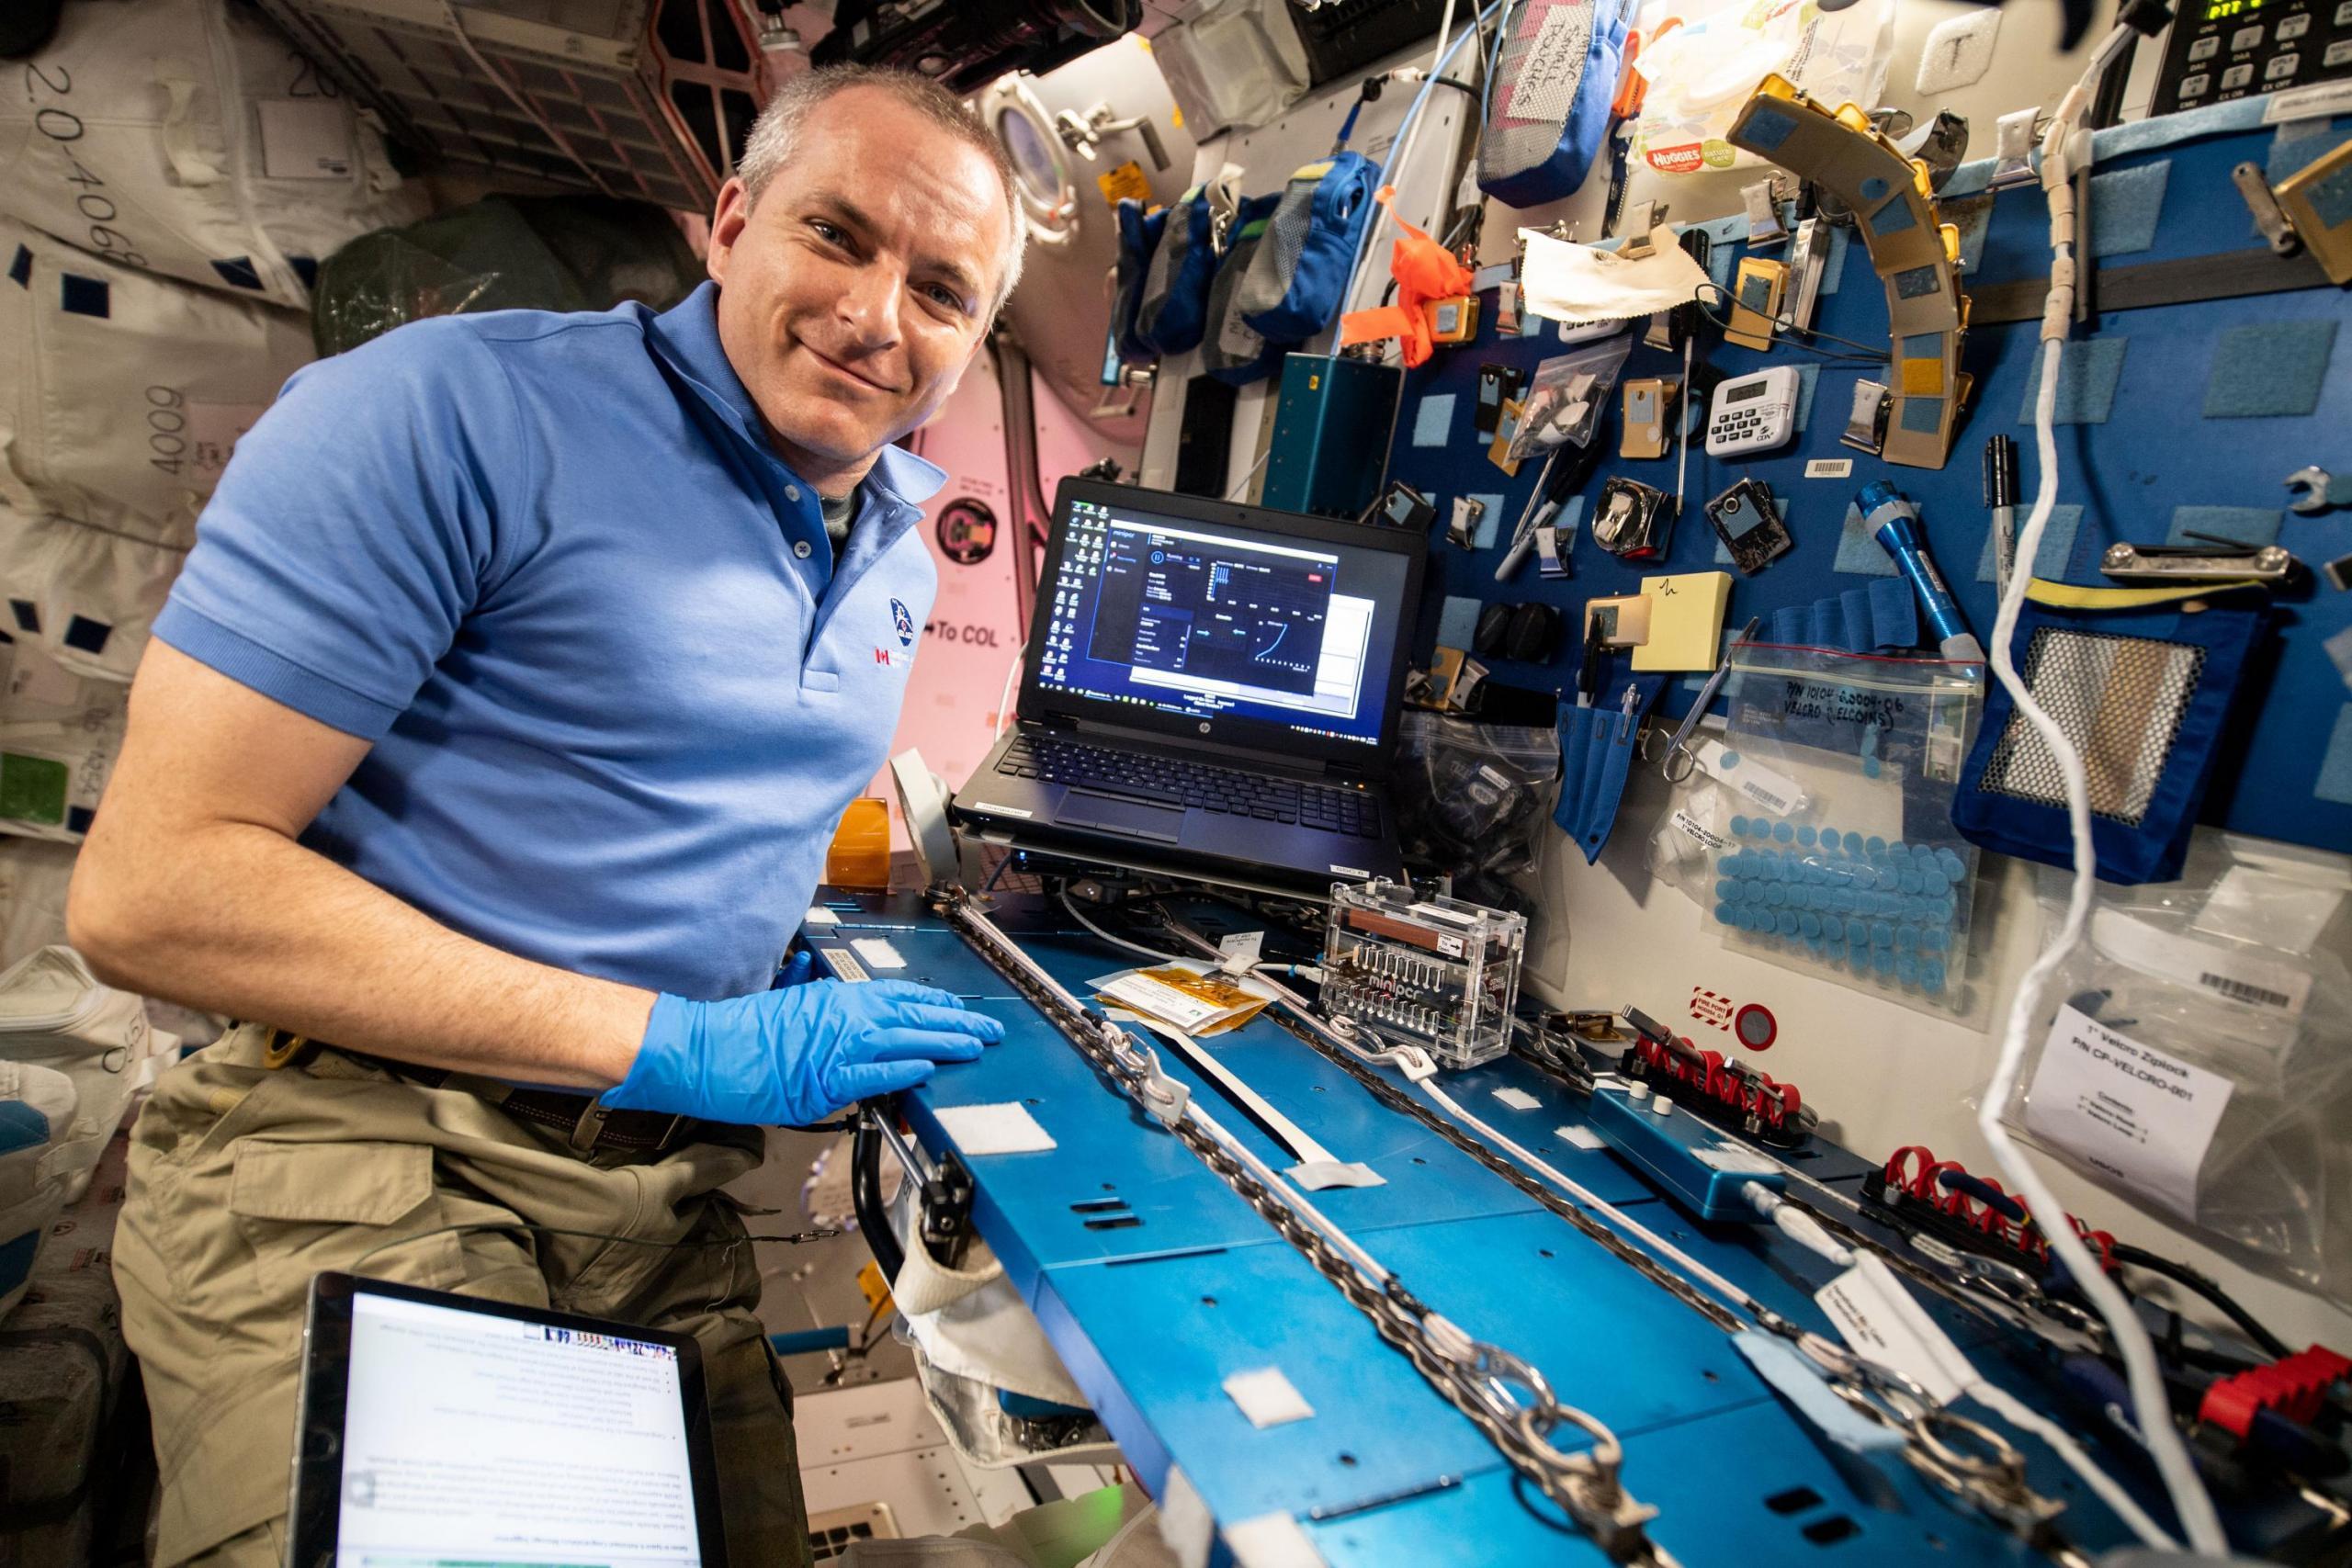 Foto di un astronauta che lavora nel campo della ricerca